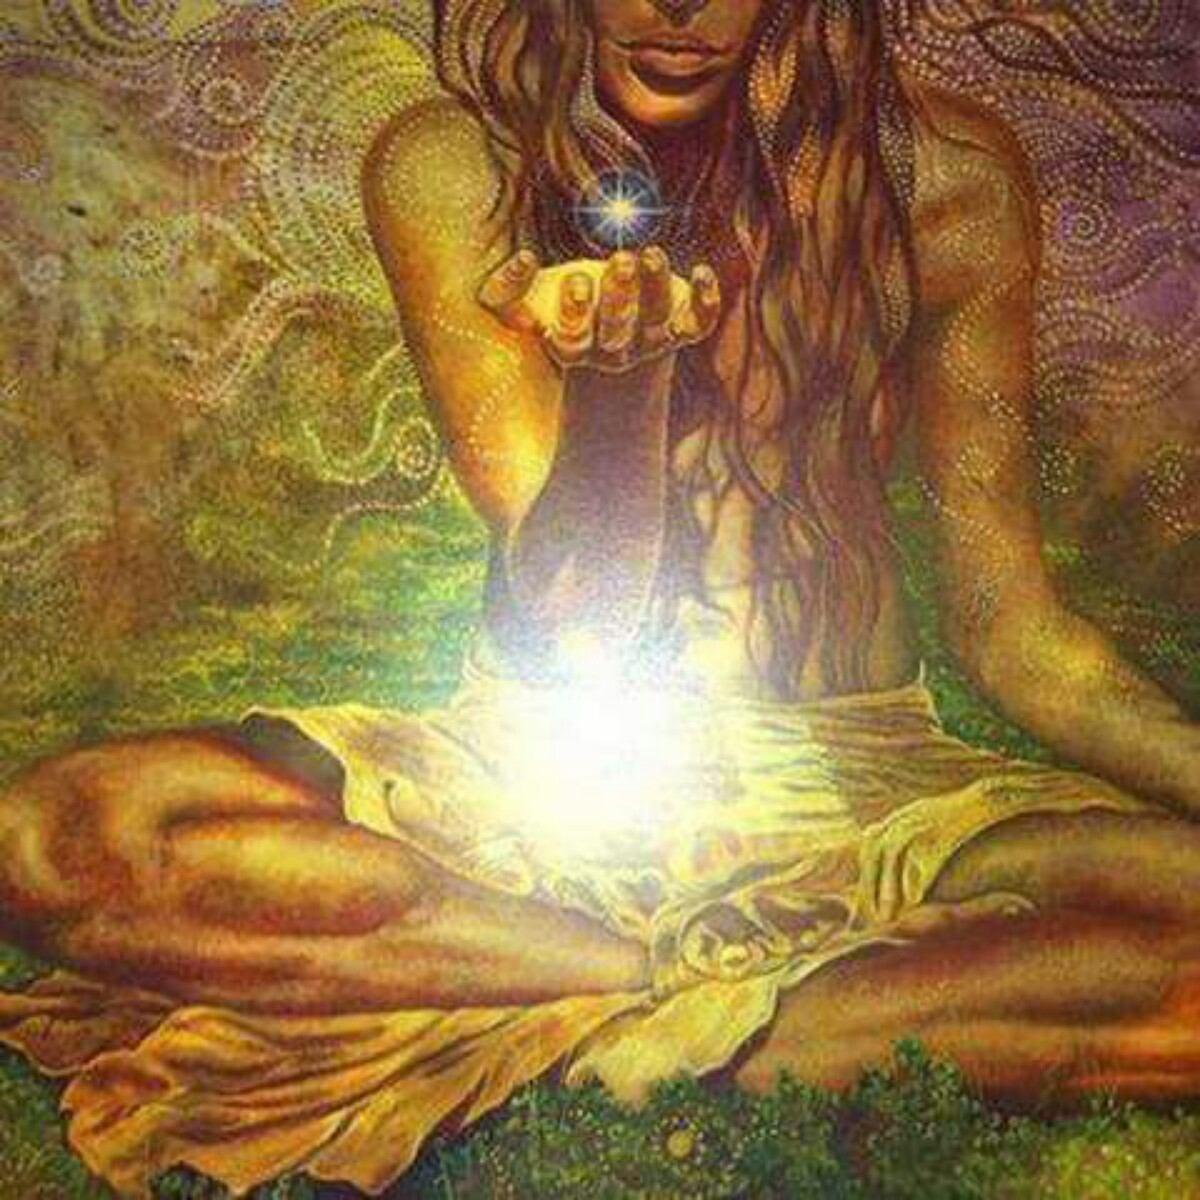 tarotista-paz-espiritual-a-tu-vida-324511-MLA20567128727_012016-F.jpg